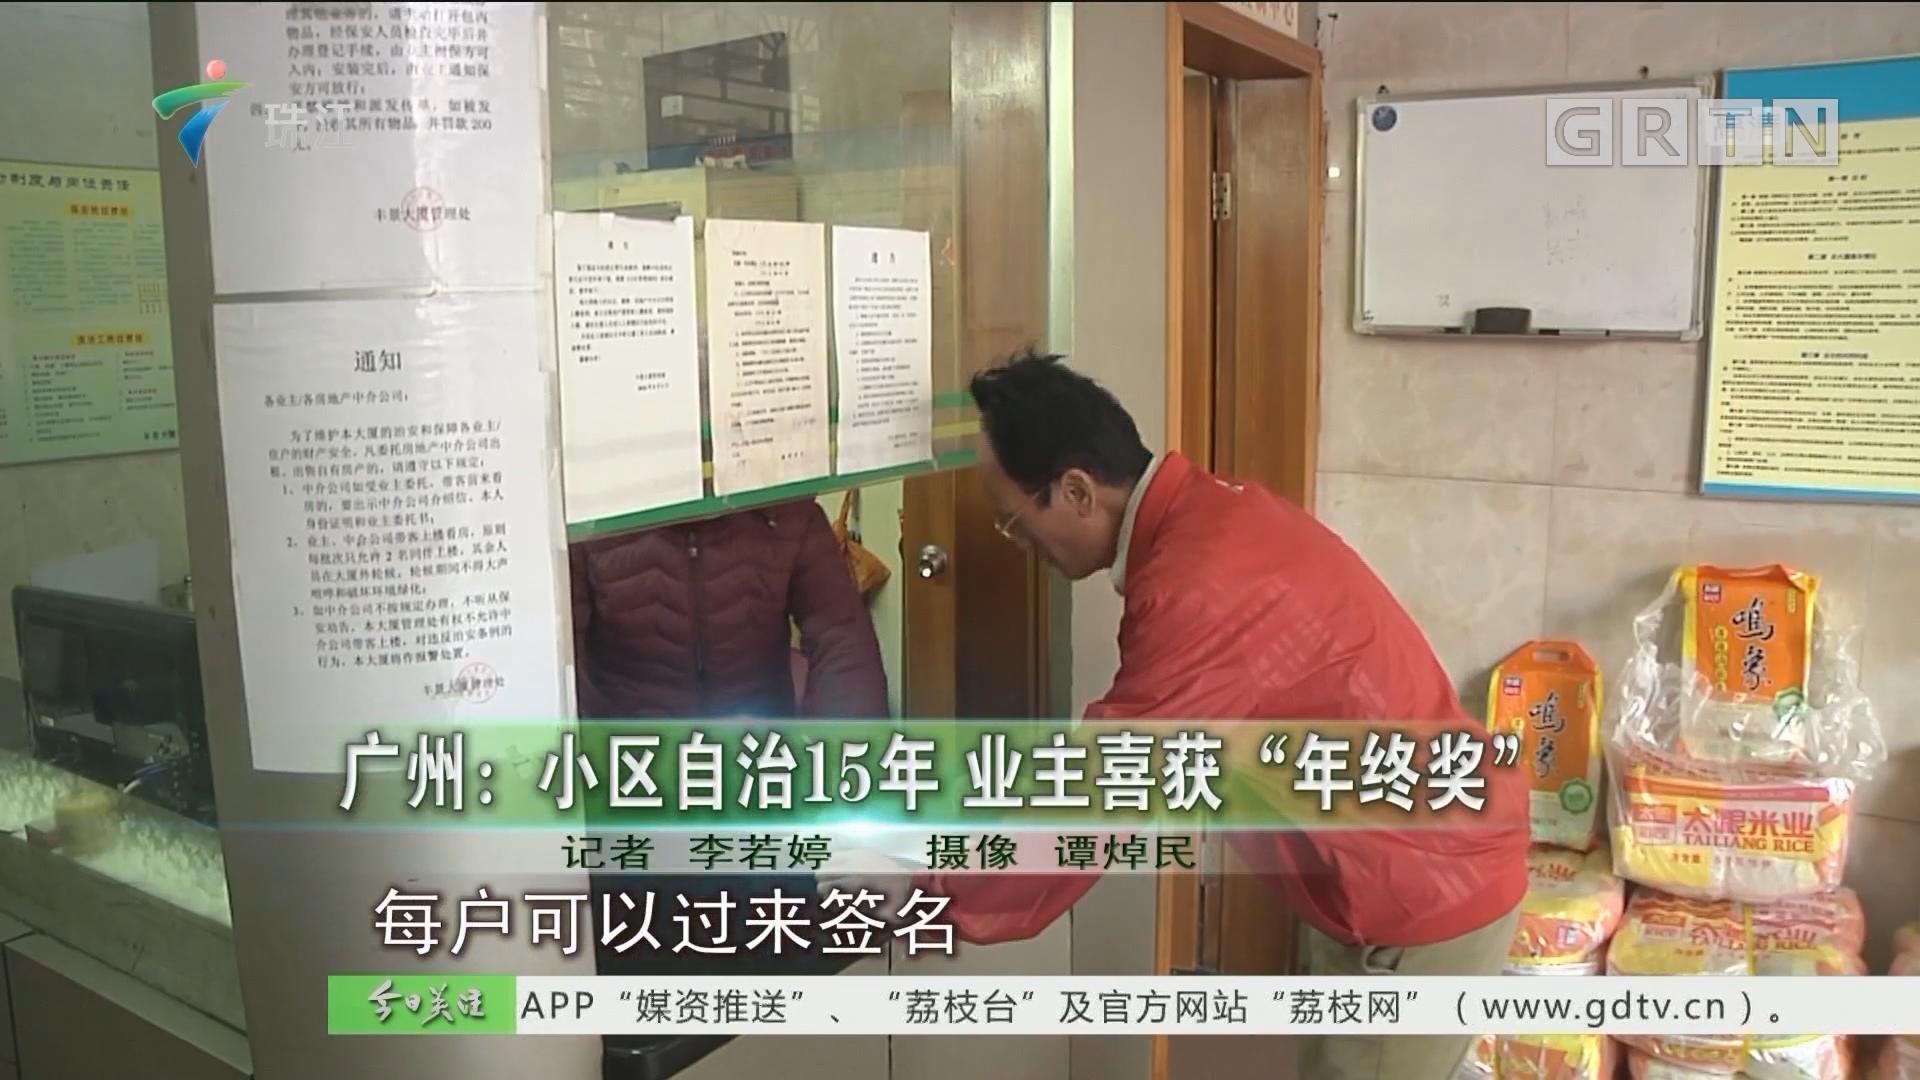 """广州:小区自治15年 业主喜获""""年终奖"""""""